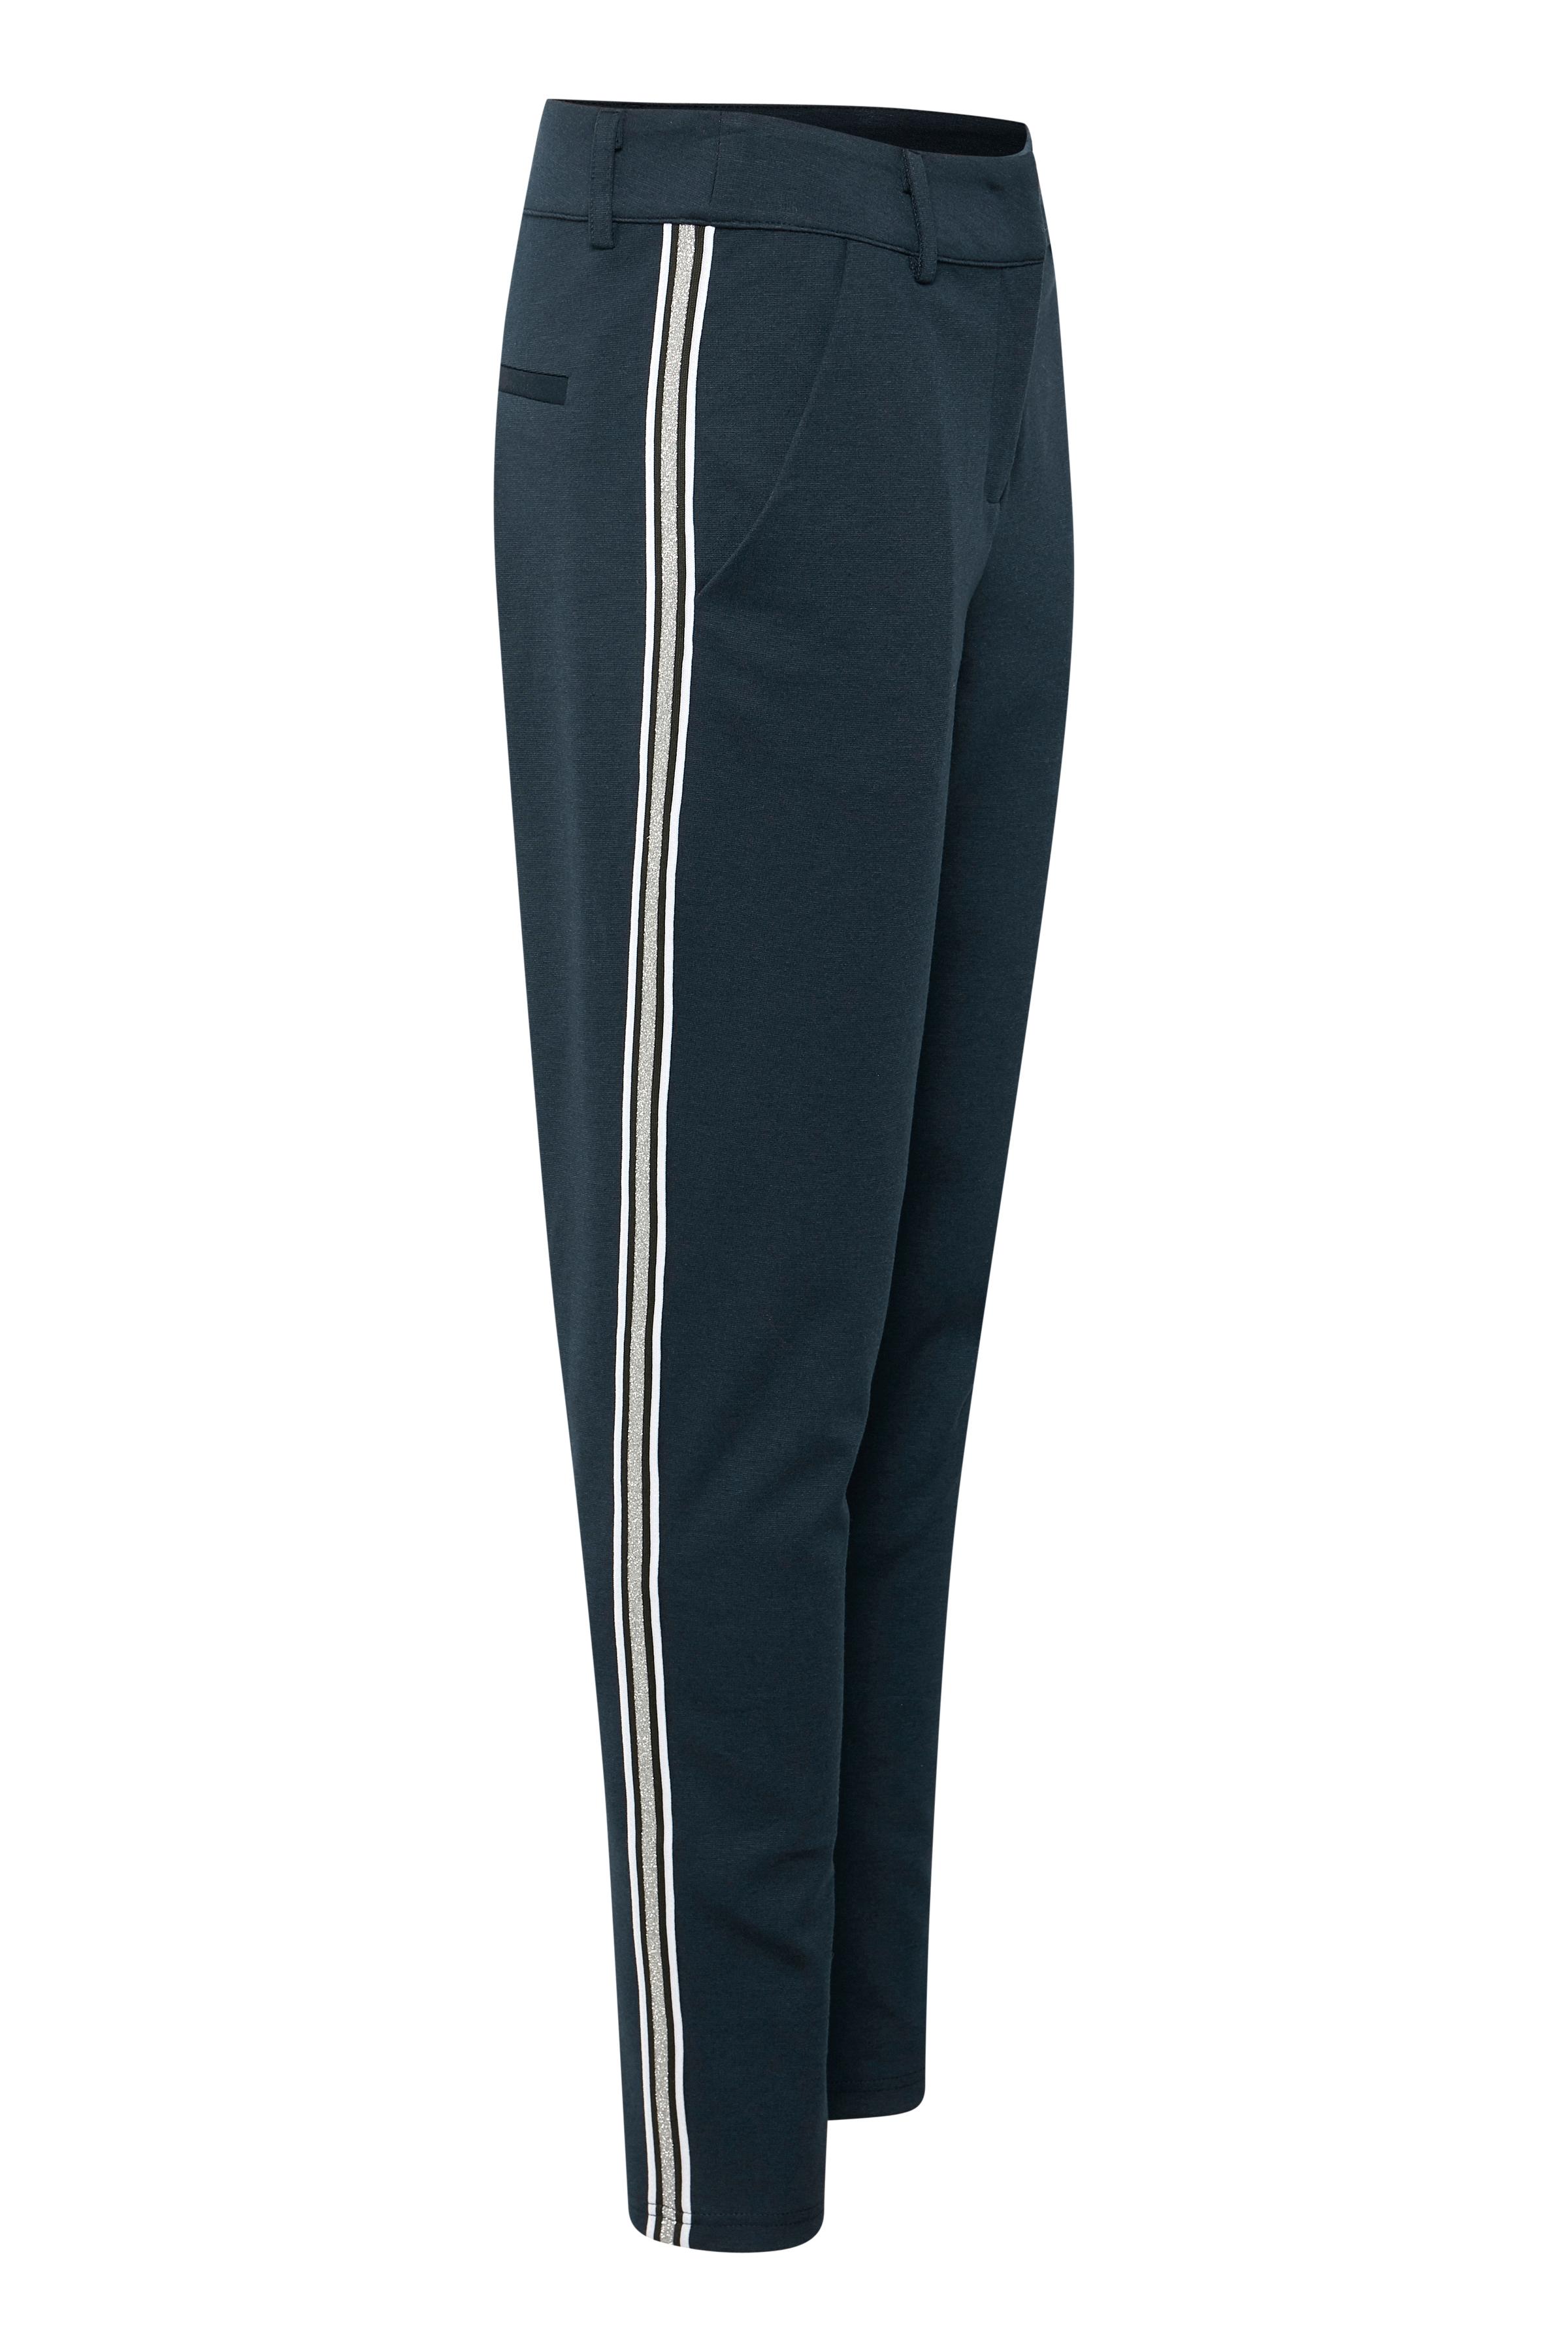 Marineblå Casual bukser fra Bon'A Parte – Køb Marineblå Casual bukser fra str. 36-48 her